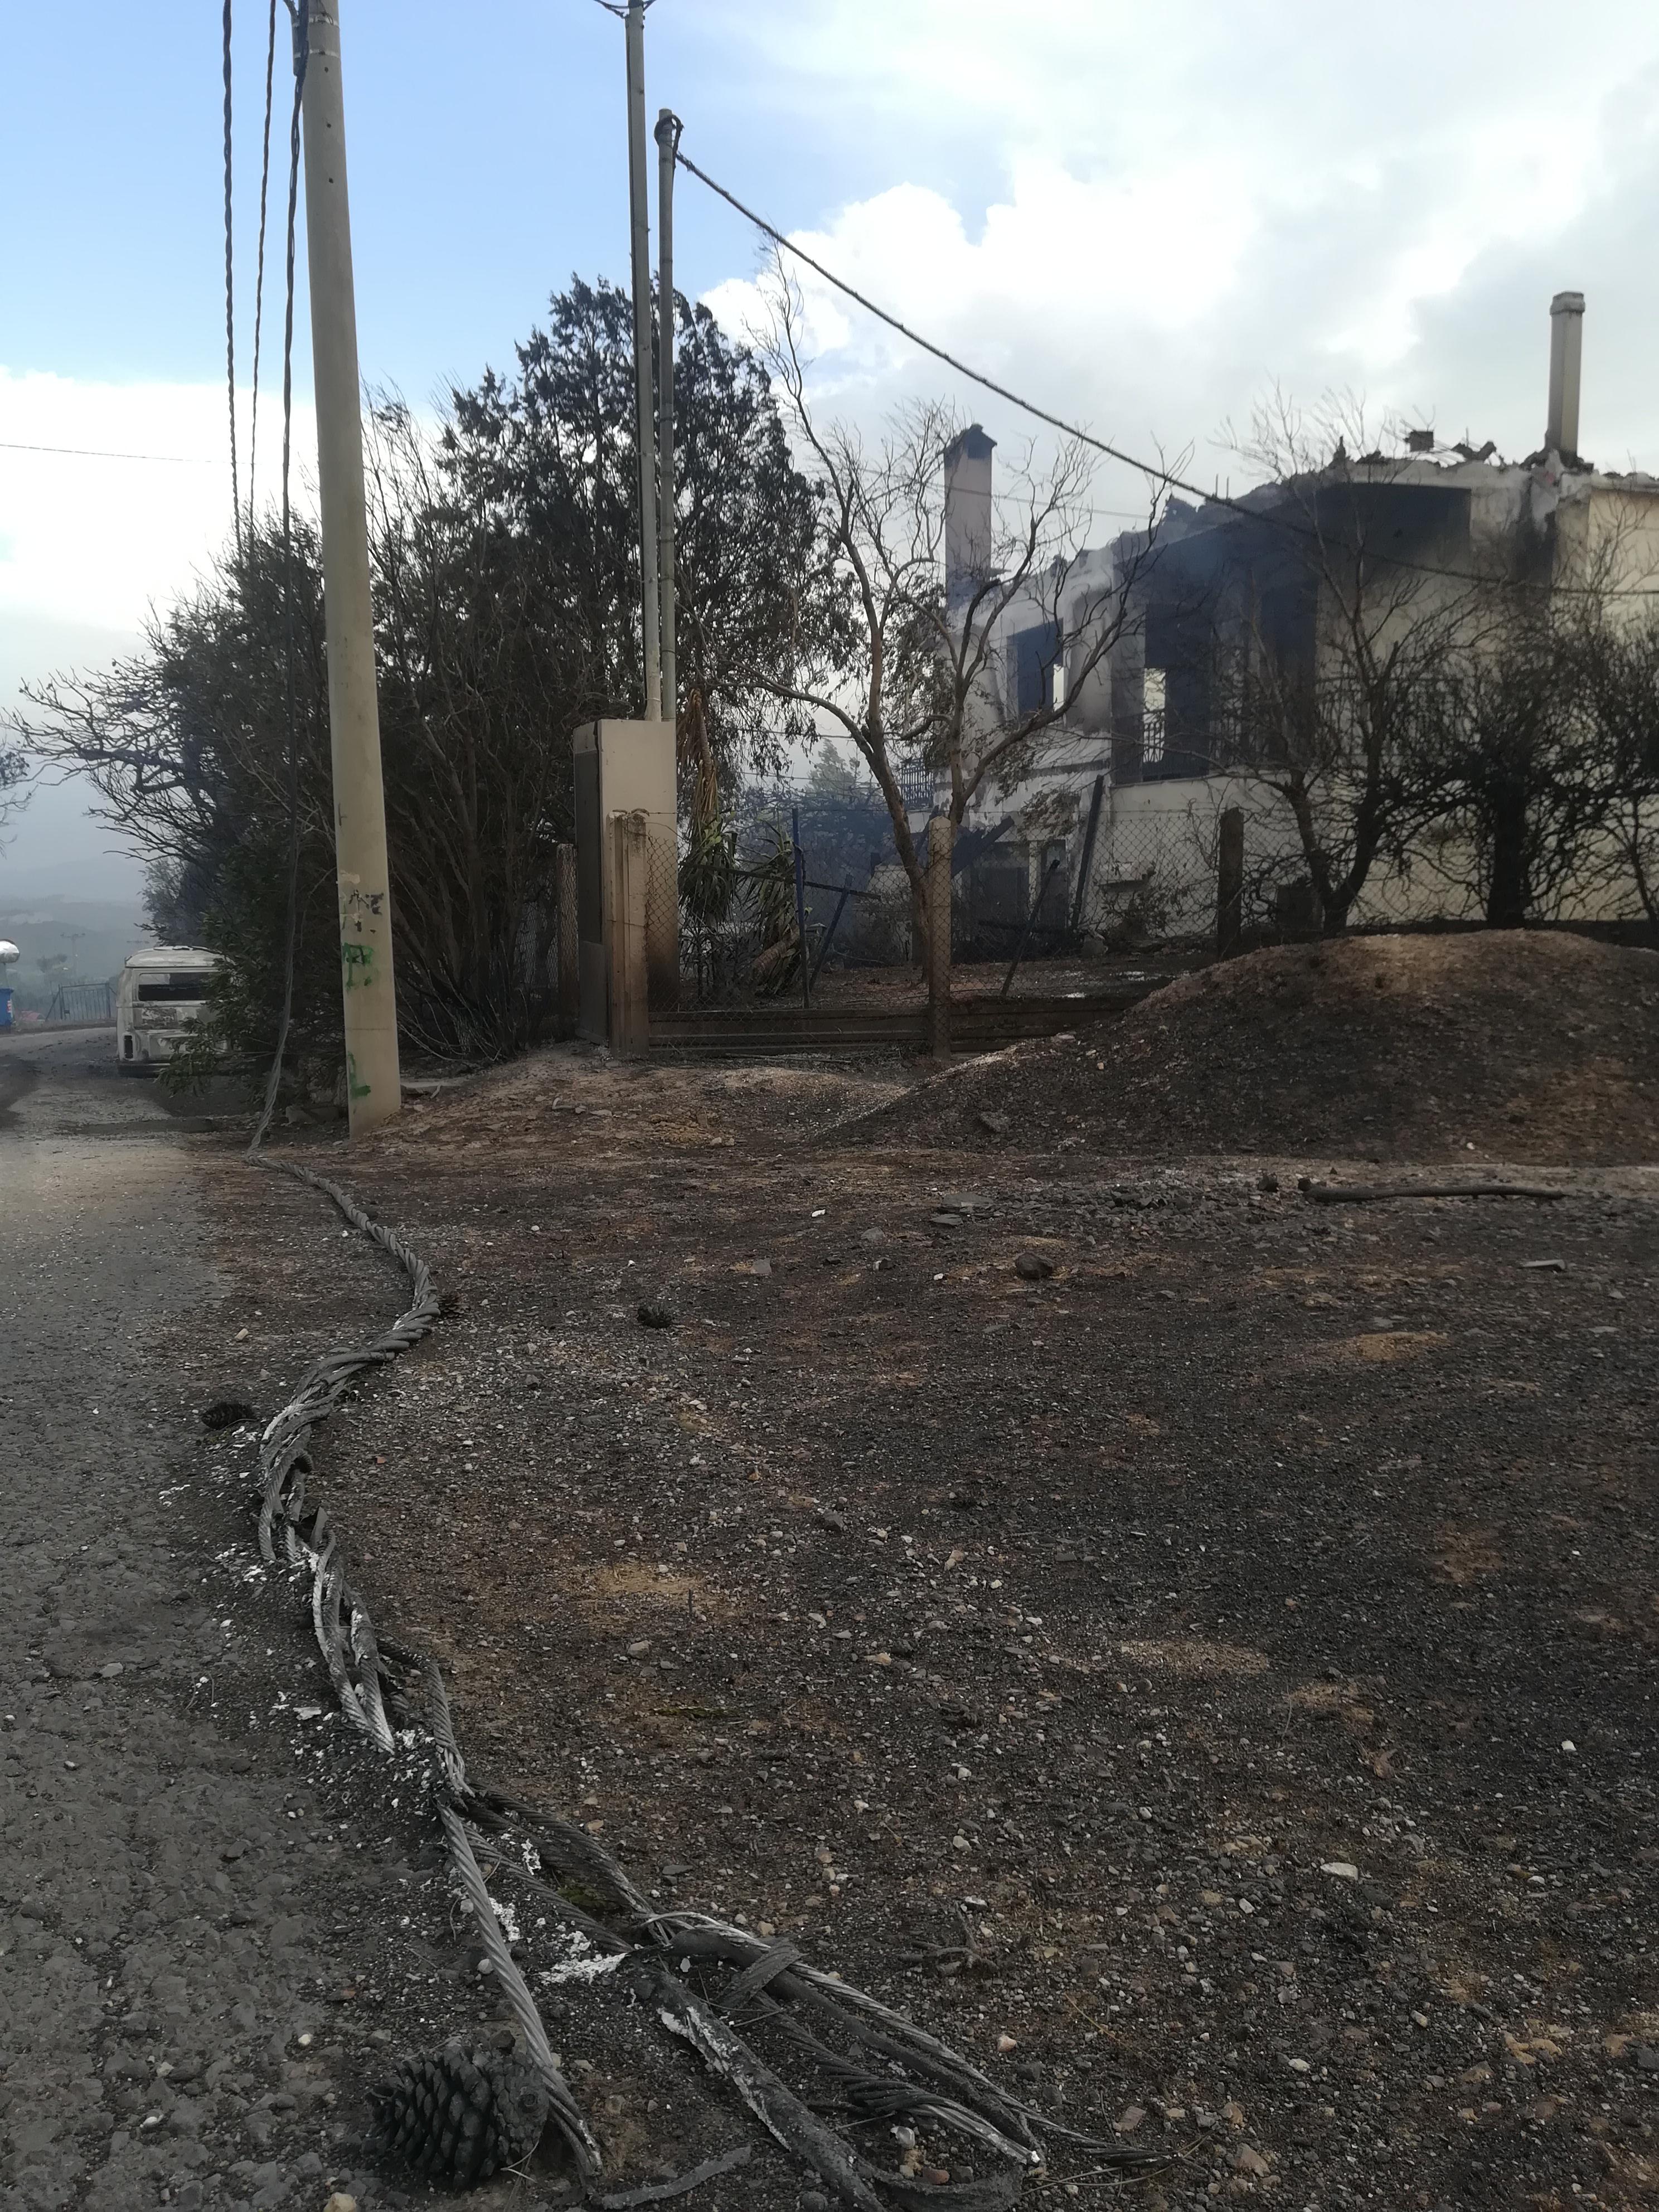 eikones-oloklirotikis-katastrofis-apo-tis-pyrkagies-foto-amp-8211-vinteo13